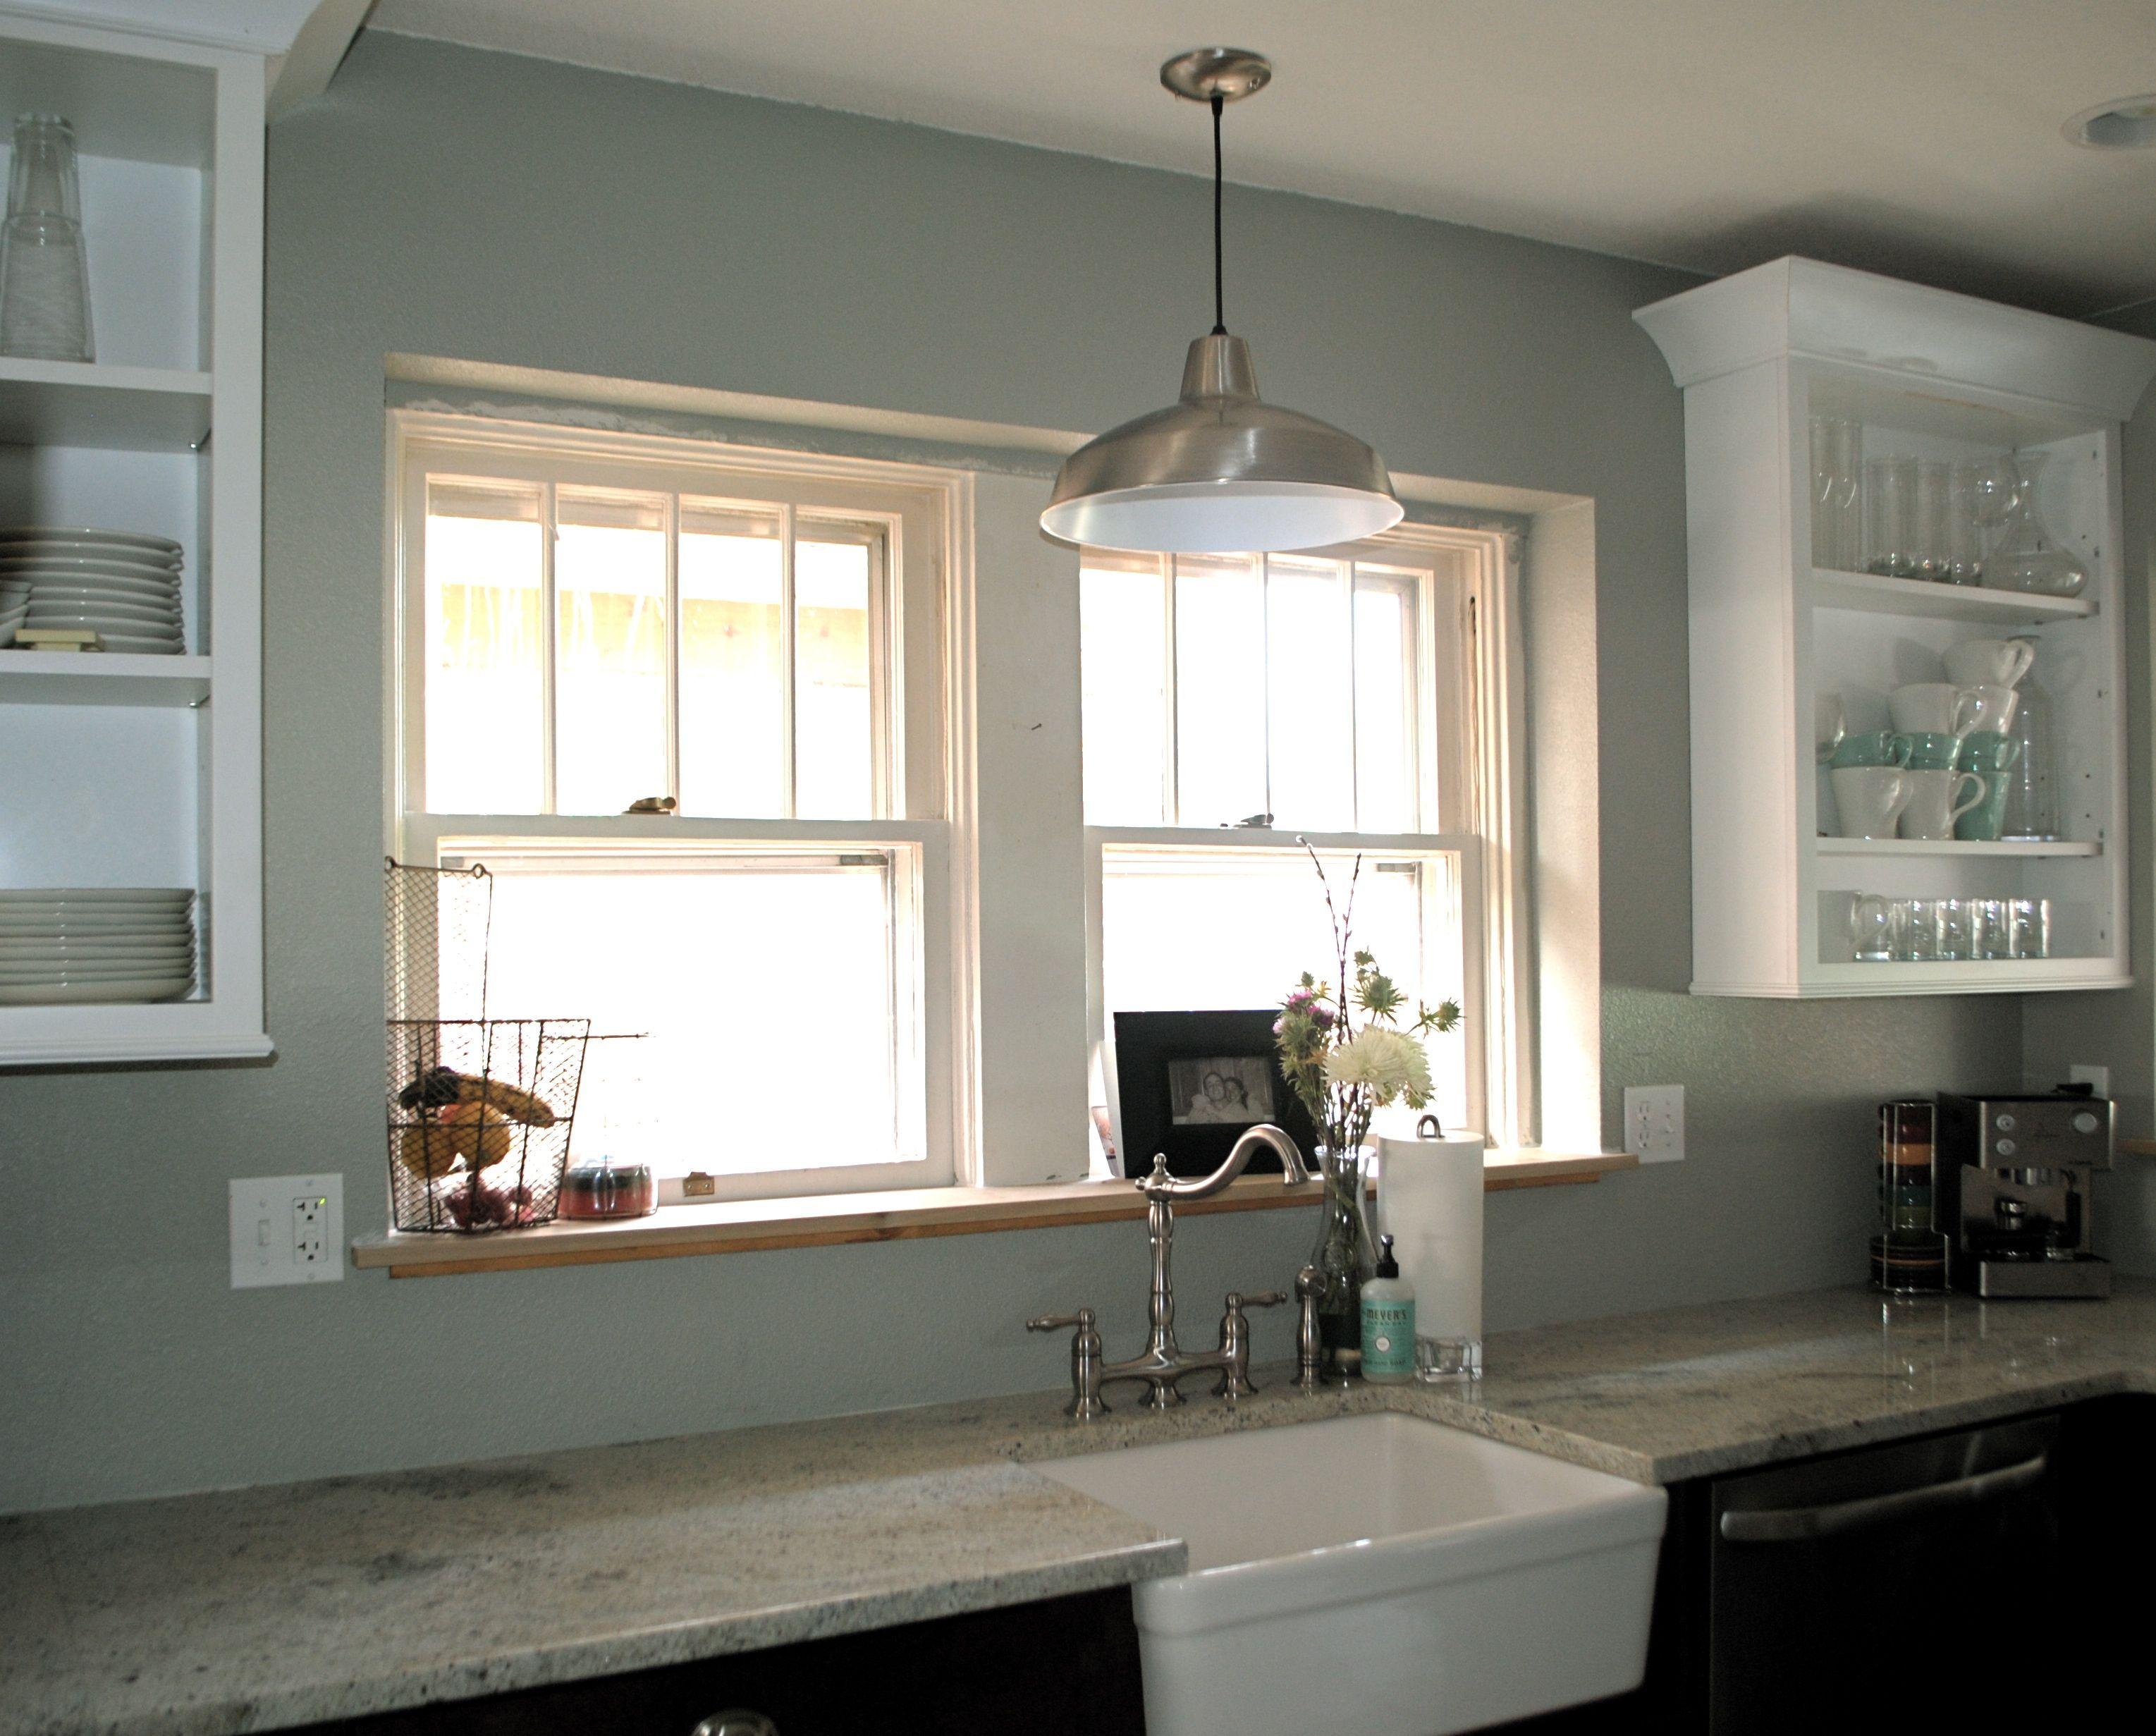 Hanging Pendant Lights Over Light Above Kitchen Sink Kitchen